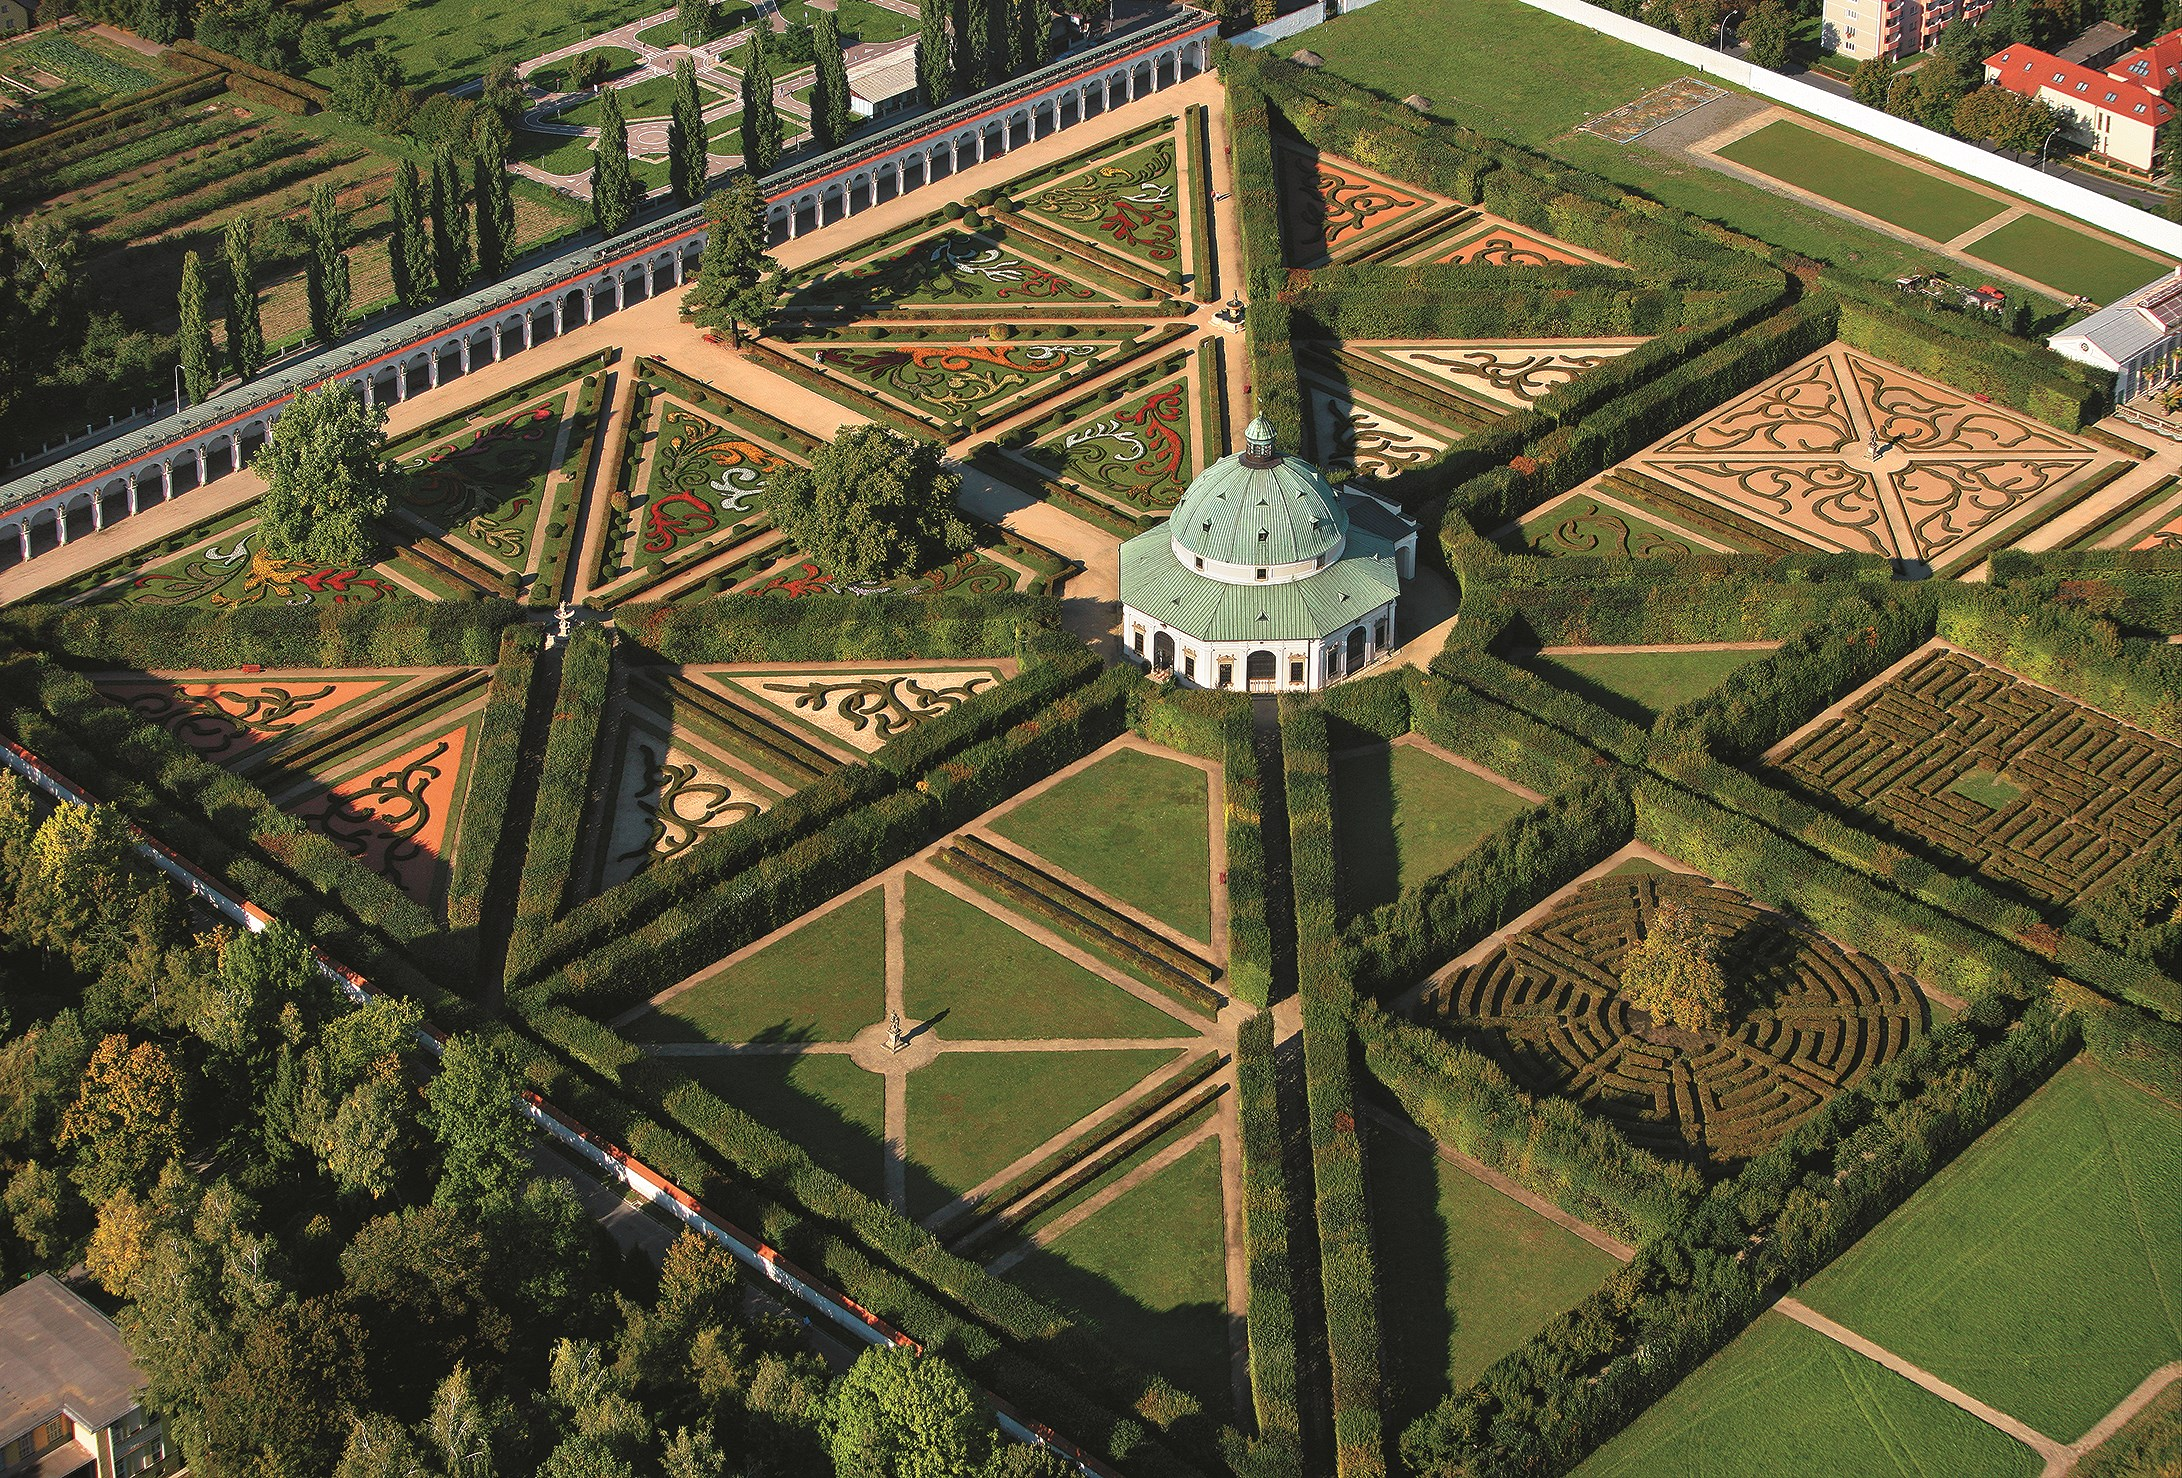 Des jardins à la française classés au patrimoine mondial de l'Unesco